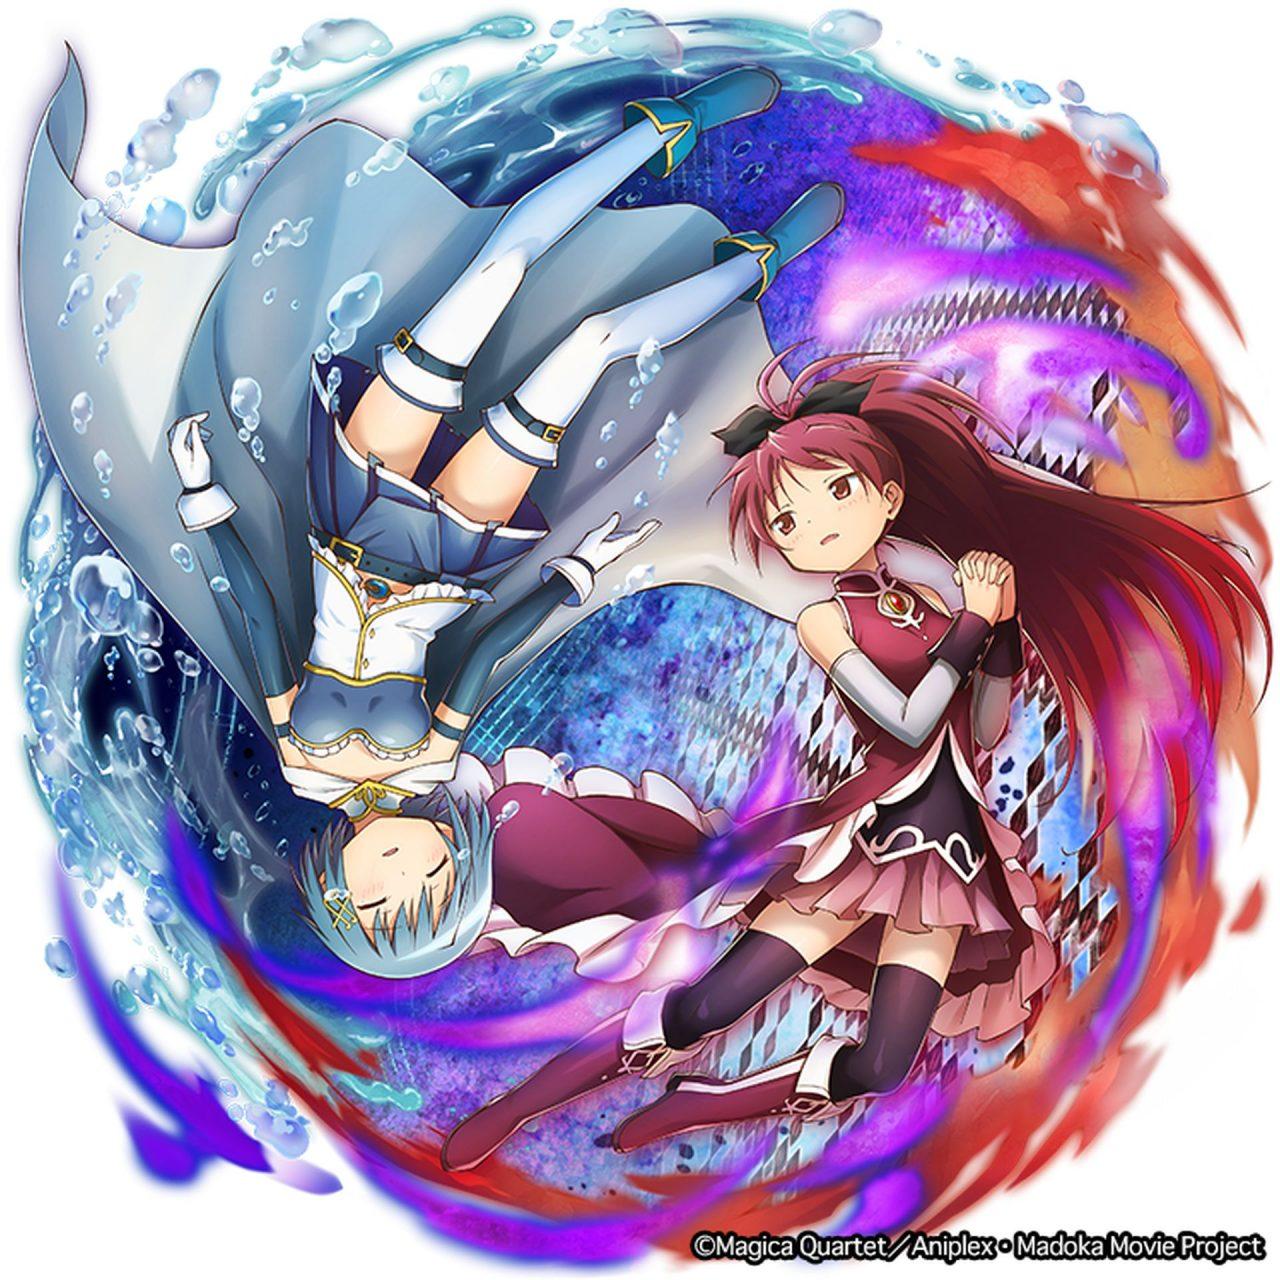 『逆転オセロニア』で9月13日(金)より『劇場版 魔法少女まどか☆マギカ』とのコラボレーションイベント開催!